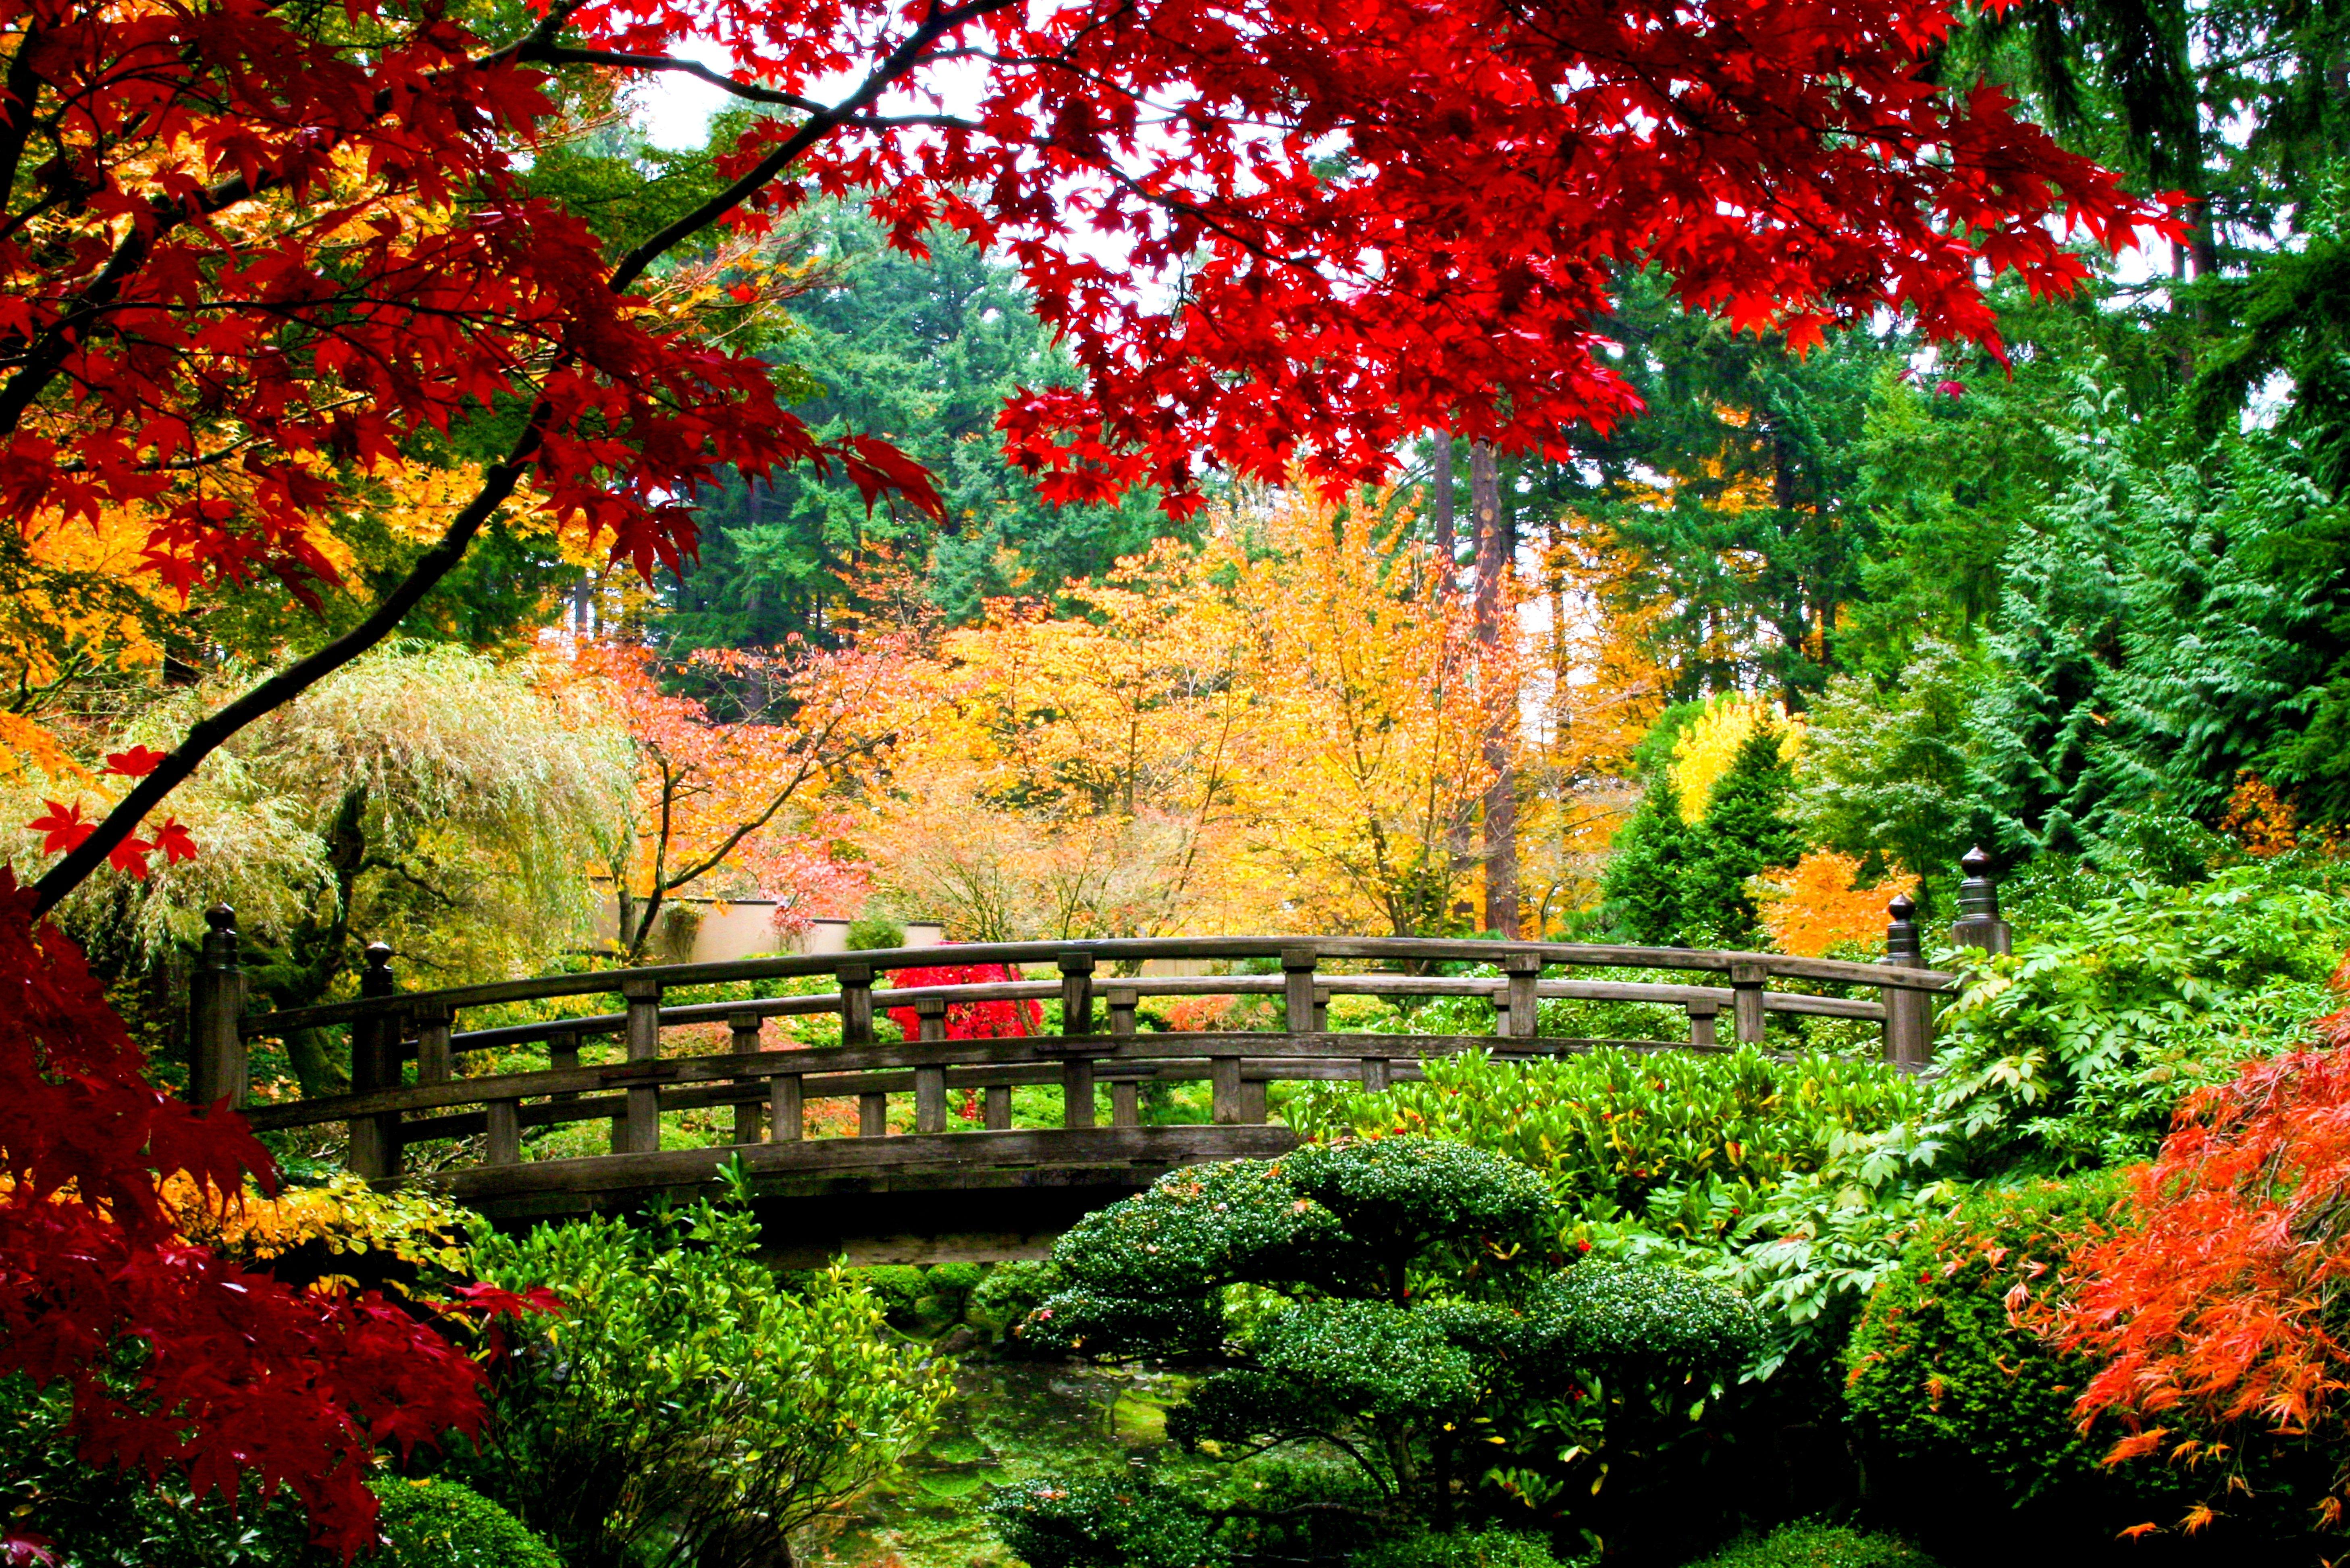 3 automne nature pont bois arbres feuilles rouge for 4d garden design